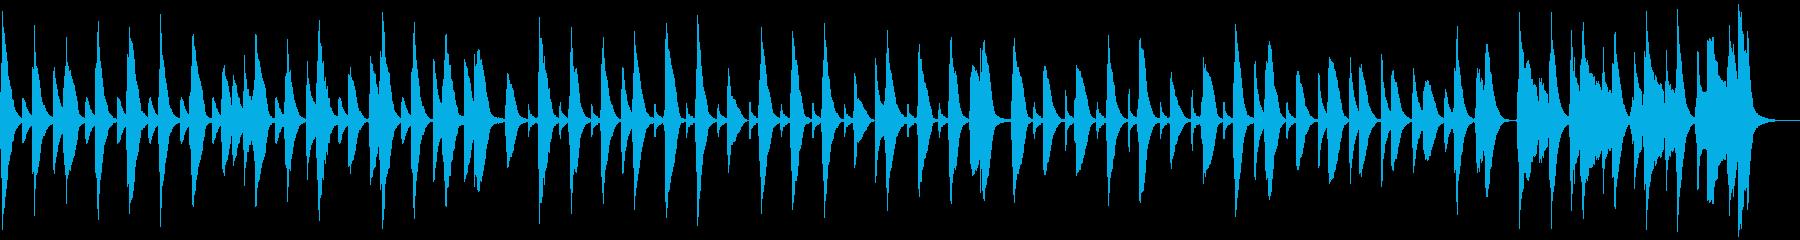 脱力・木琴とバスーンと笛のコミカル曲の再生済みの波形